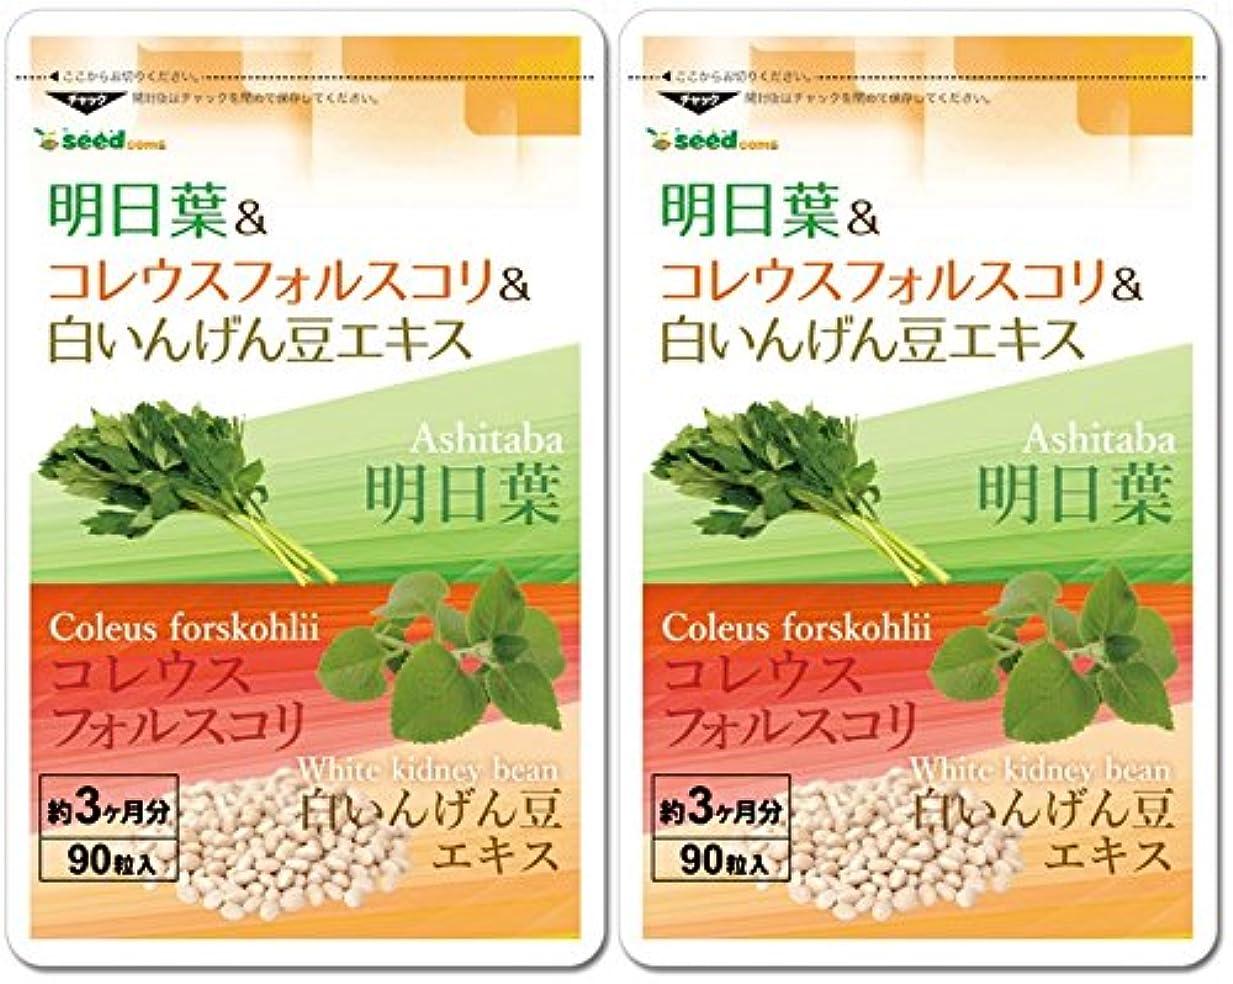 抗生物質トロリー約設定明日葉&コレウスフォルスコリ&白いんげん豆エキス (約6ヶ月分/180粒) スッキリ&燃焼系&糖質バリアの3大ダイエット成分